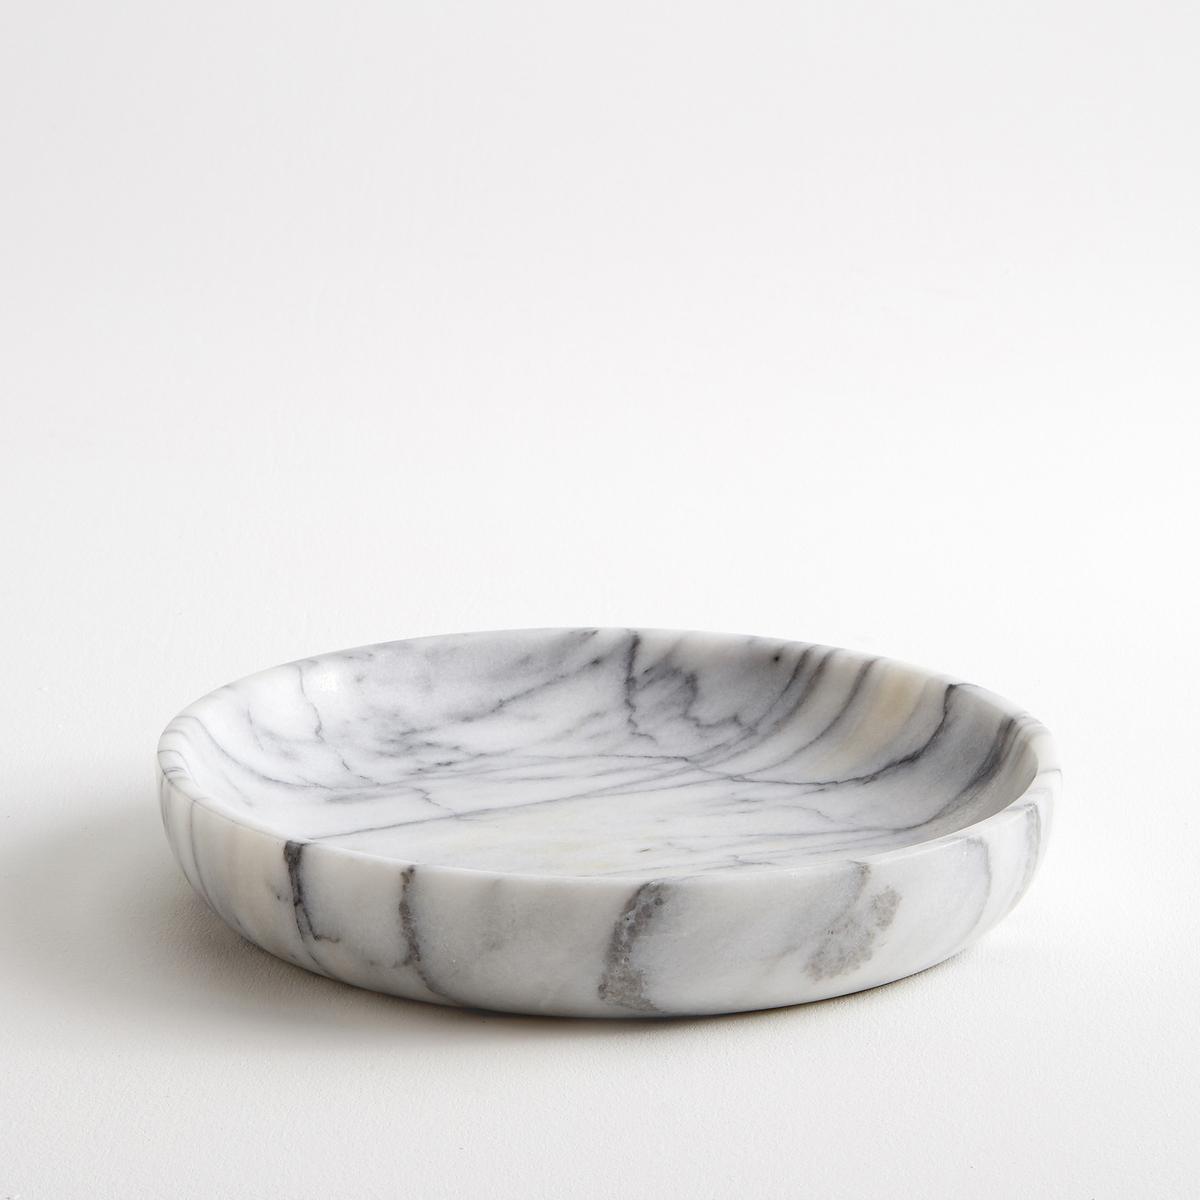 Чаша из мрамора ?25 см, Ks?nia<br><br>Цвет: мраморный,черный